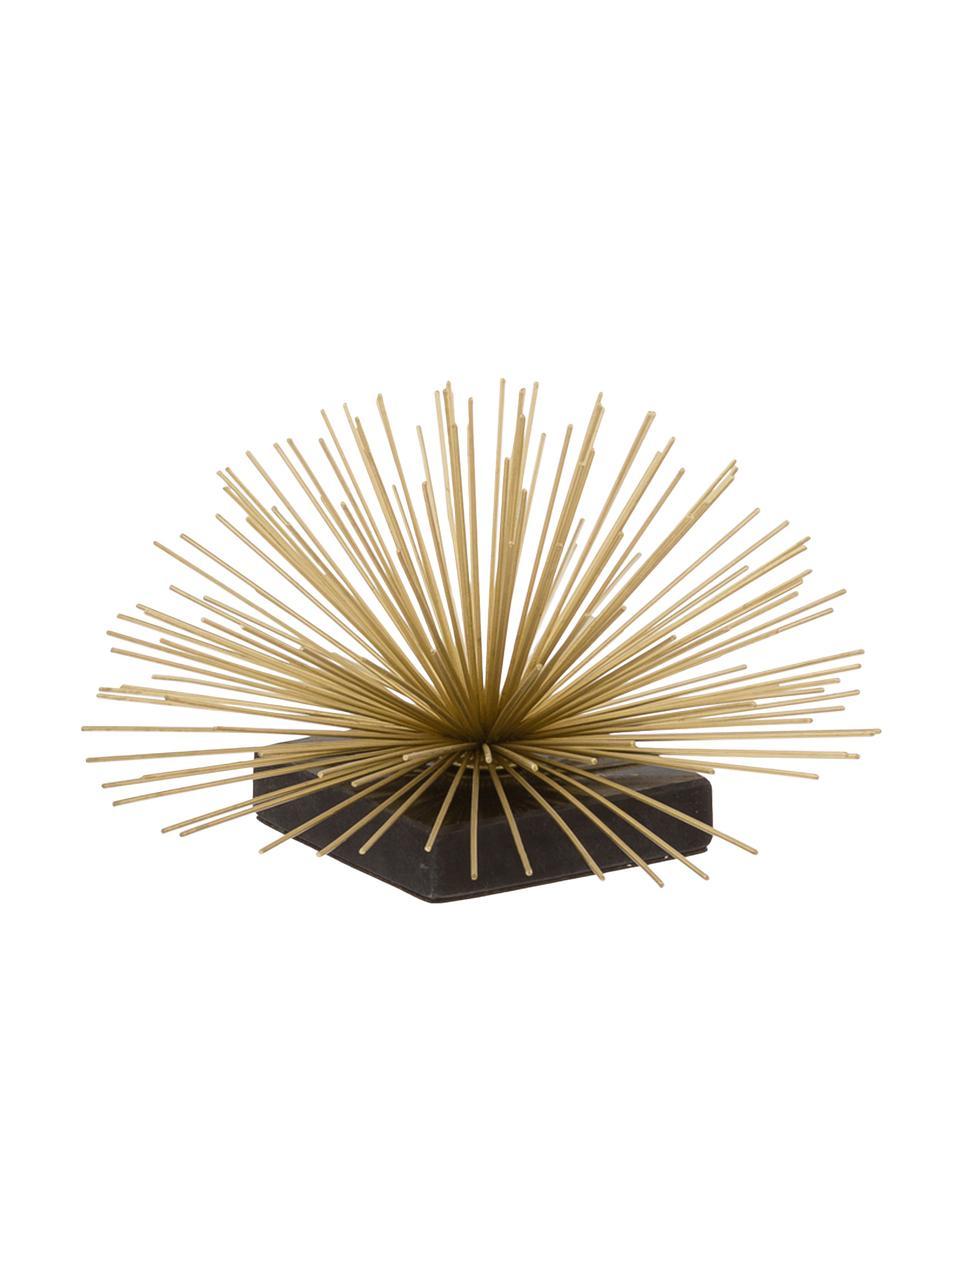 Deko-Objekt Marburch, Aufsatz: Metall, Fuß: Marmor, Unterseite: Filz, Aufsatz: Goldfarben, Fuß: Schwarzer Marmor, Ø 21 x H 13 cm